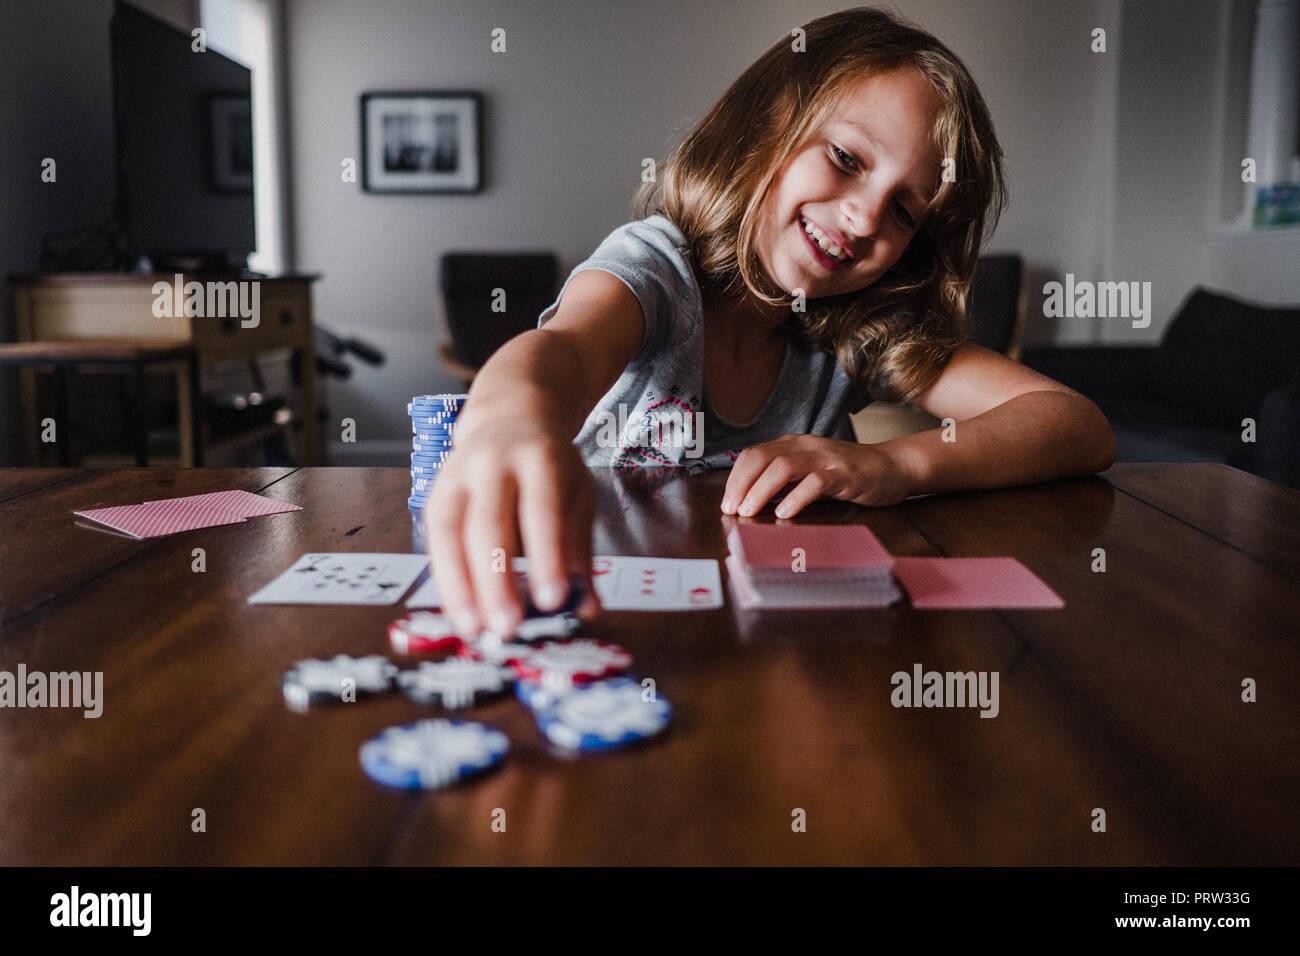 Ragazza giocando a carte in tavola, ponendo fiches Immagini Stock